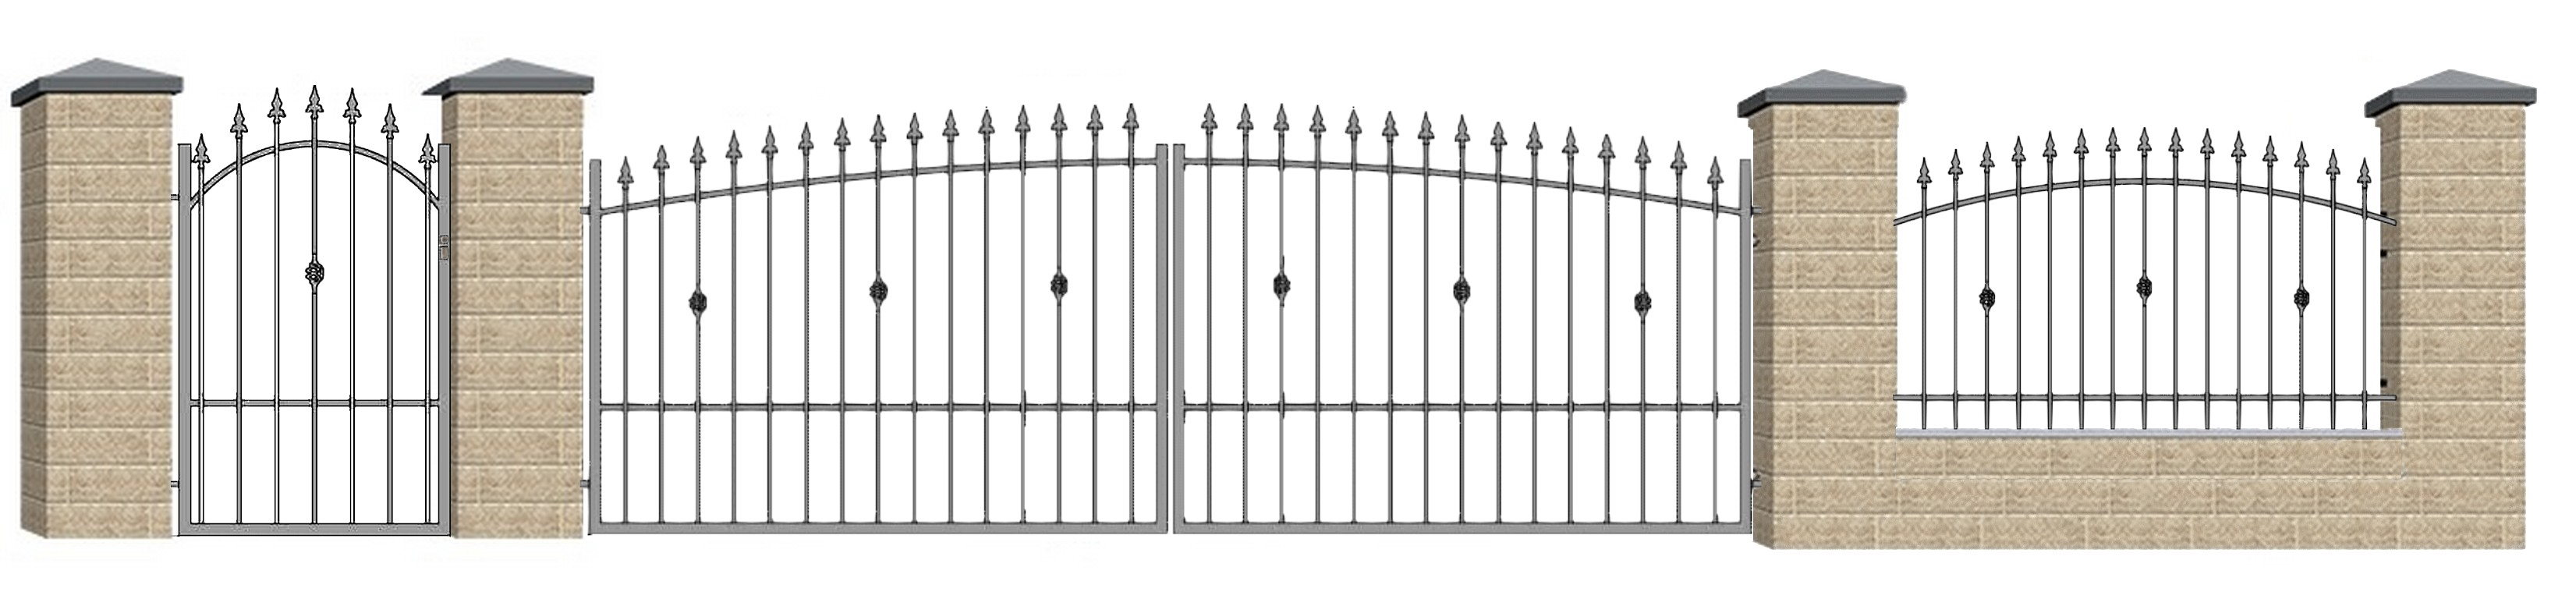 Kovácsoltvas kapu, kerítés ár, forgalmazás Fejér megye,Székesfehérvár